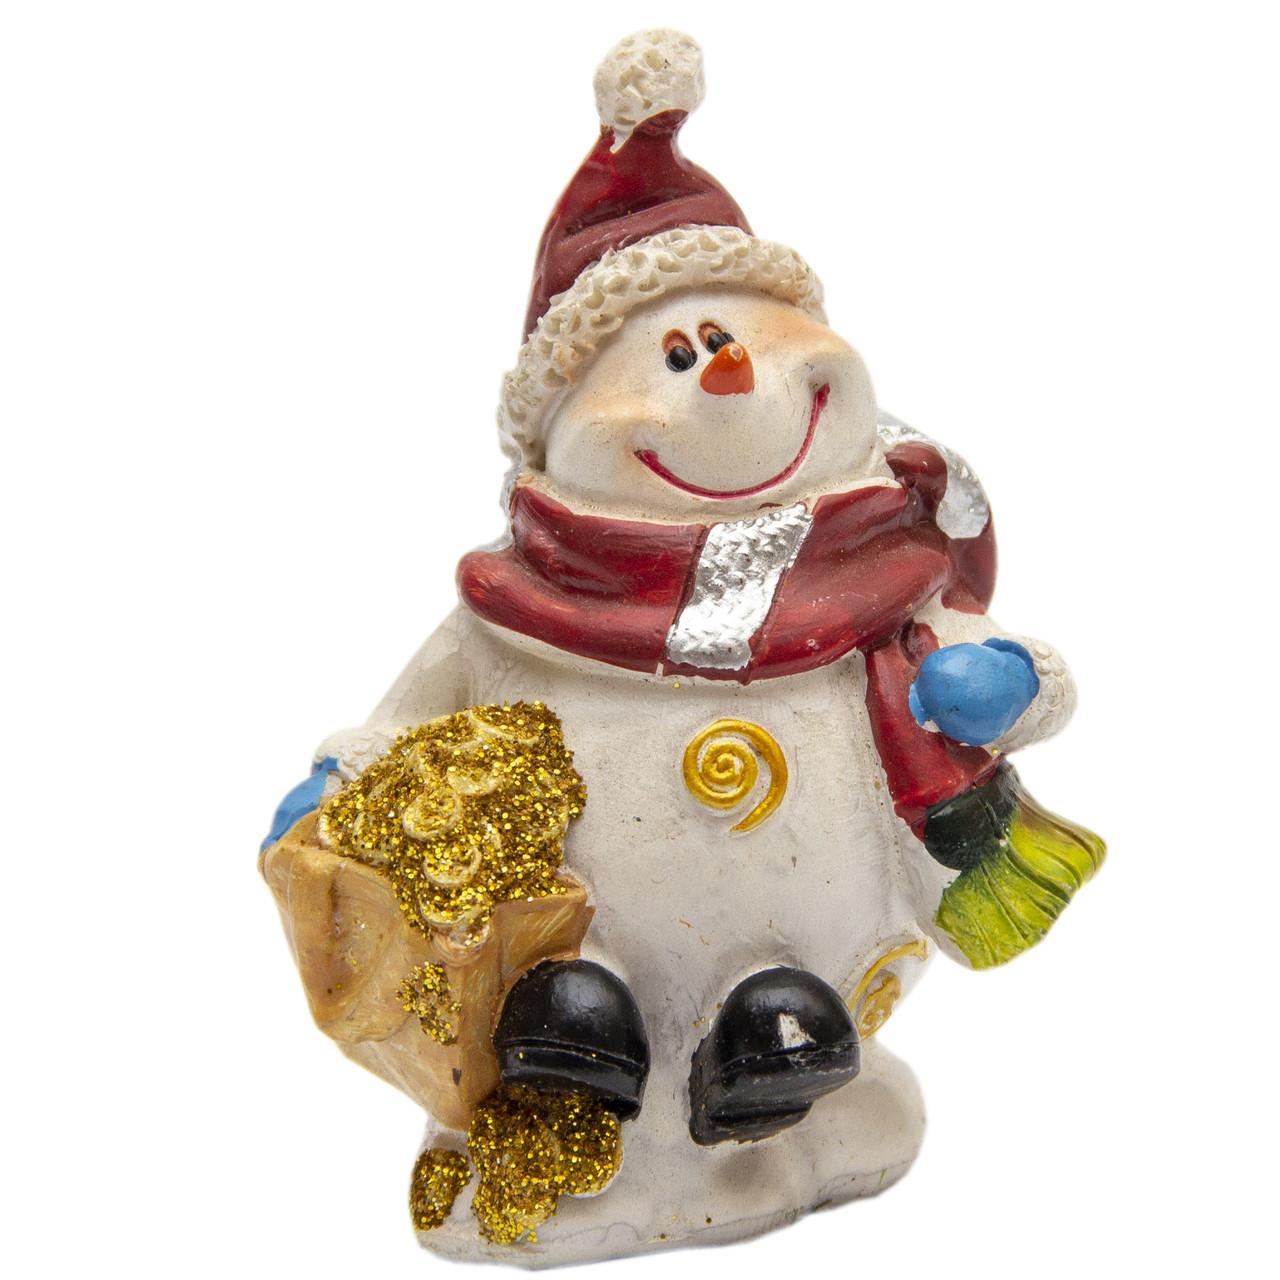 Фігурка сувенірна Сніговик з подарунком у правій руці, 7 см (440504-2)